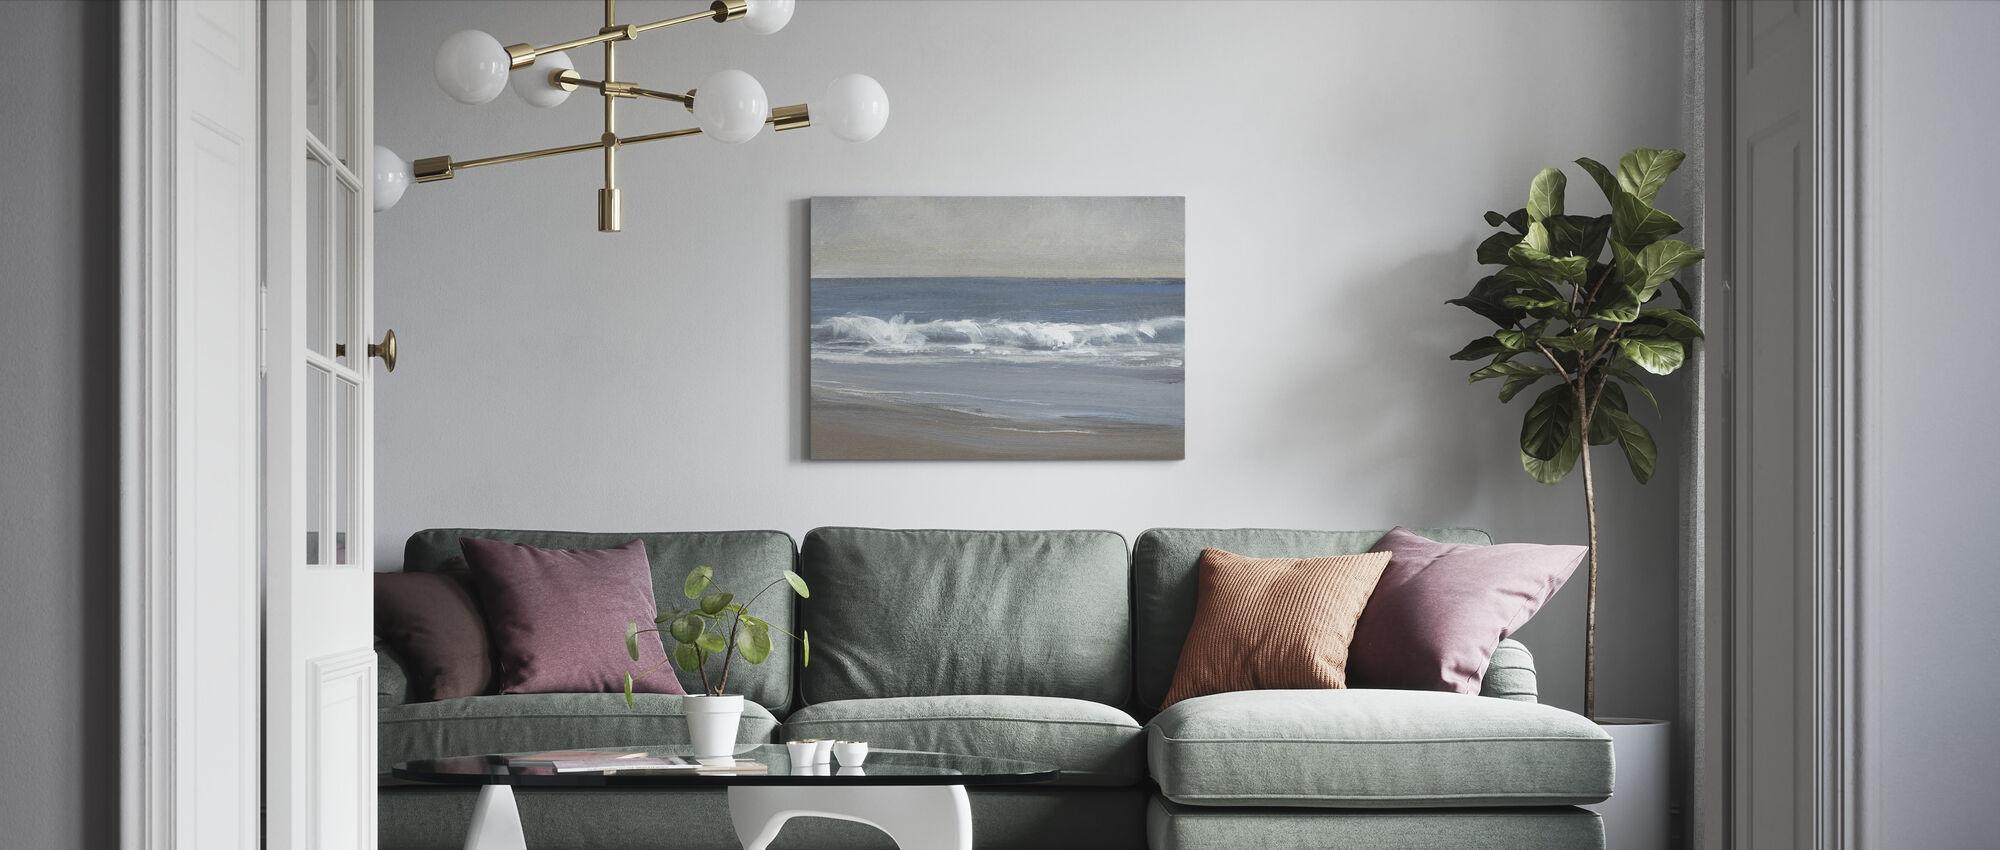 Neutral strandlinje - Canvastavla - Vardagsrum